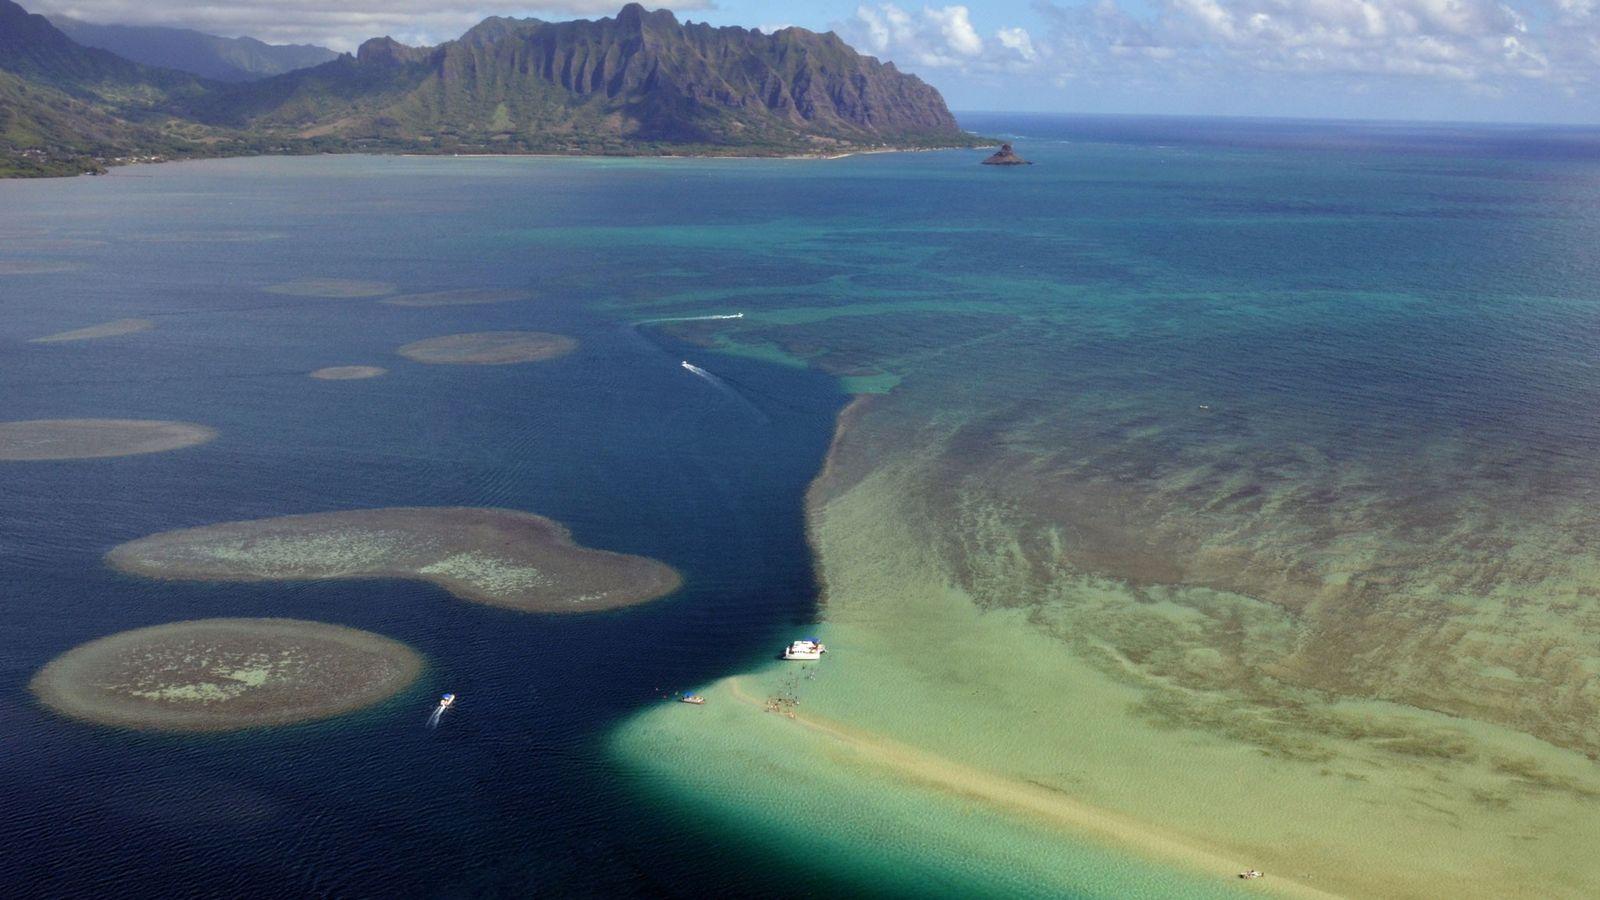 Eine Luftaufnahme der Sandbänke und Korallenriffe der Kāne'ohe Bay der hawaiianischen Insel Oahu, USA.